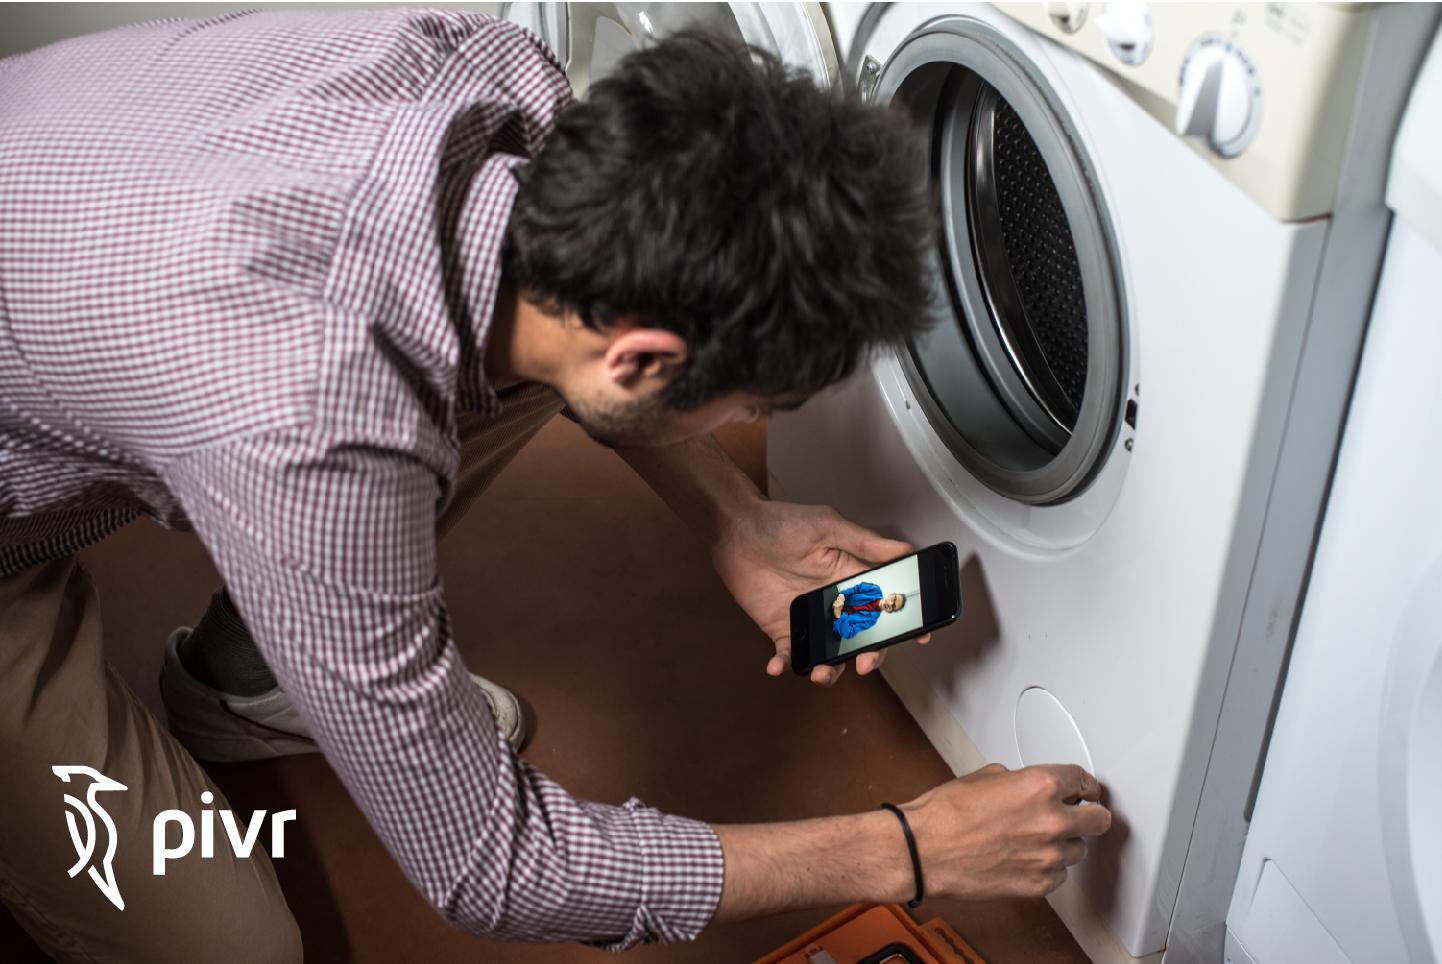 homme qui répare son lave-linge par visioconférence